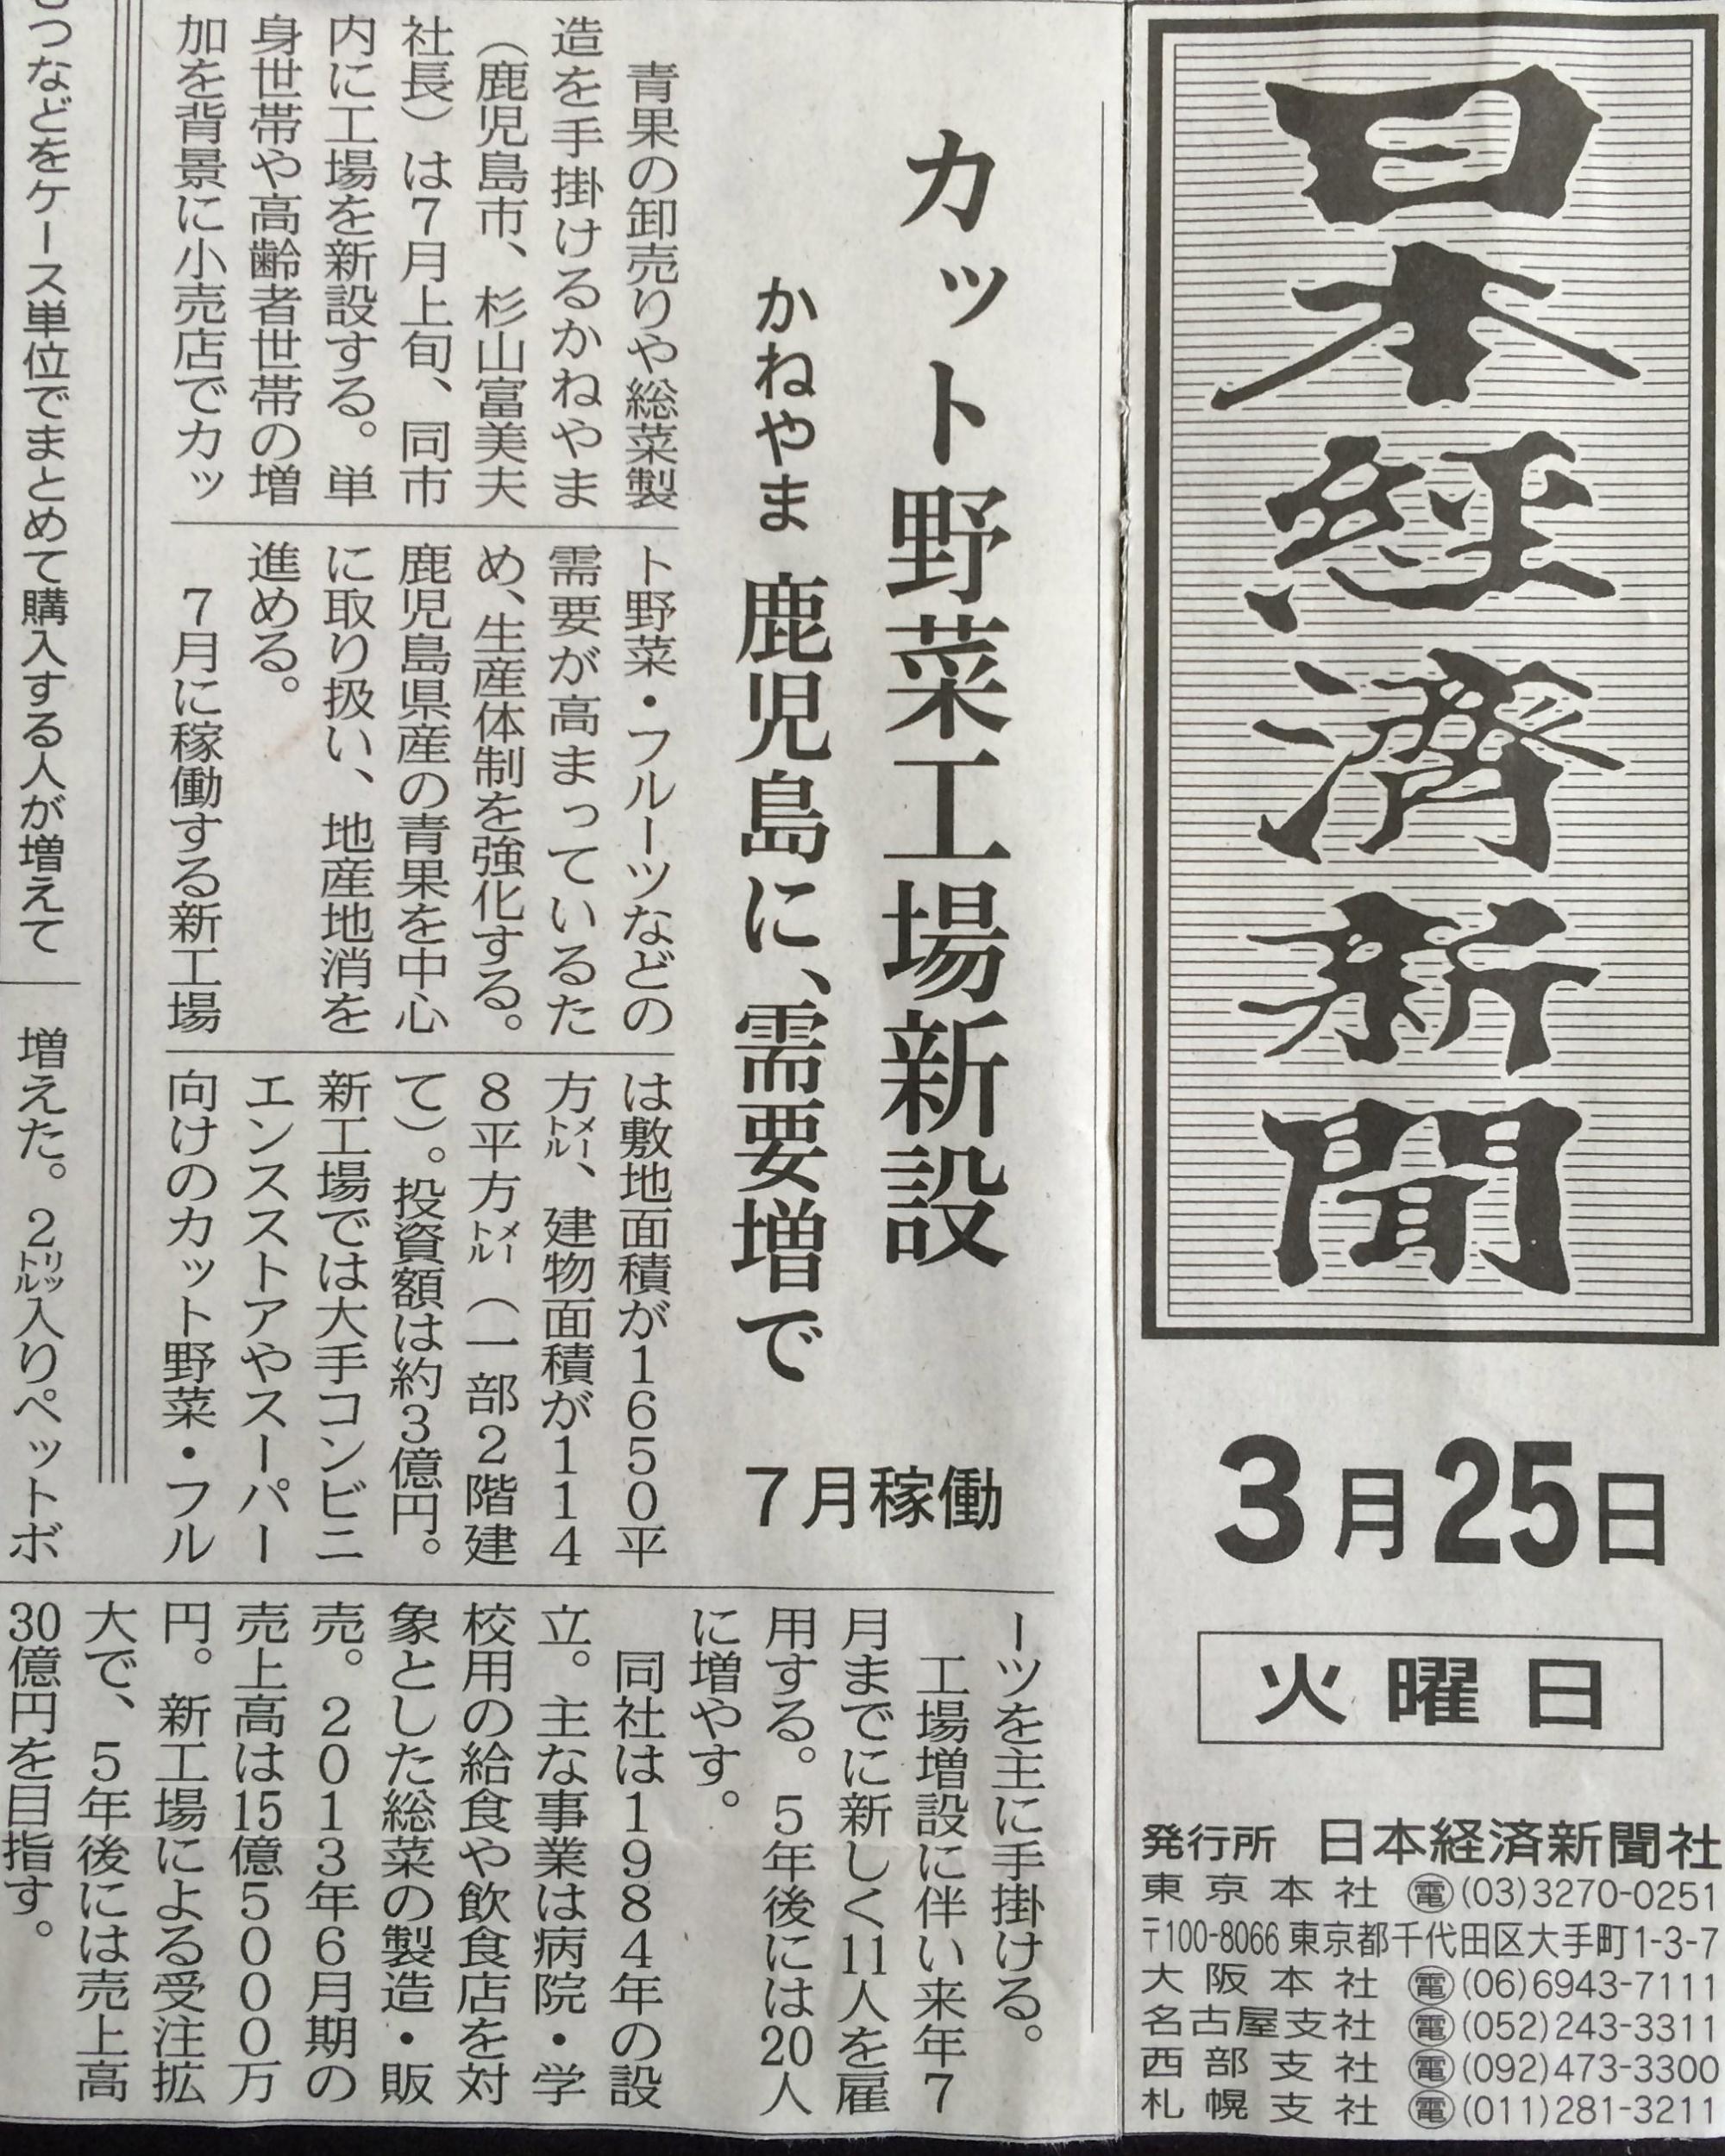 【メディア掲載】2014年3月25日 日本経済新聞